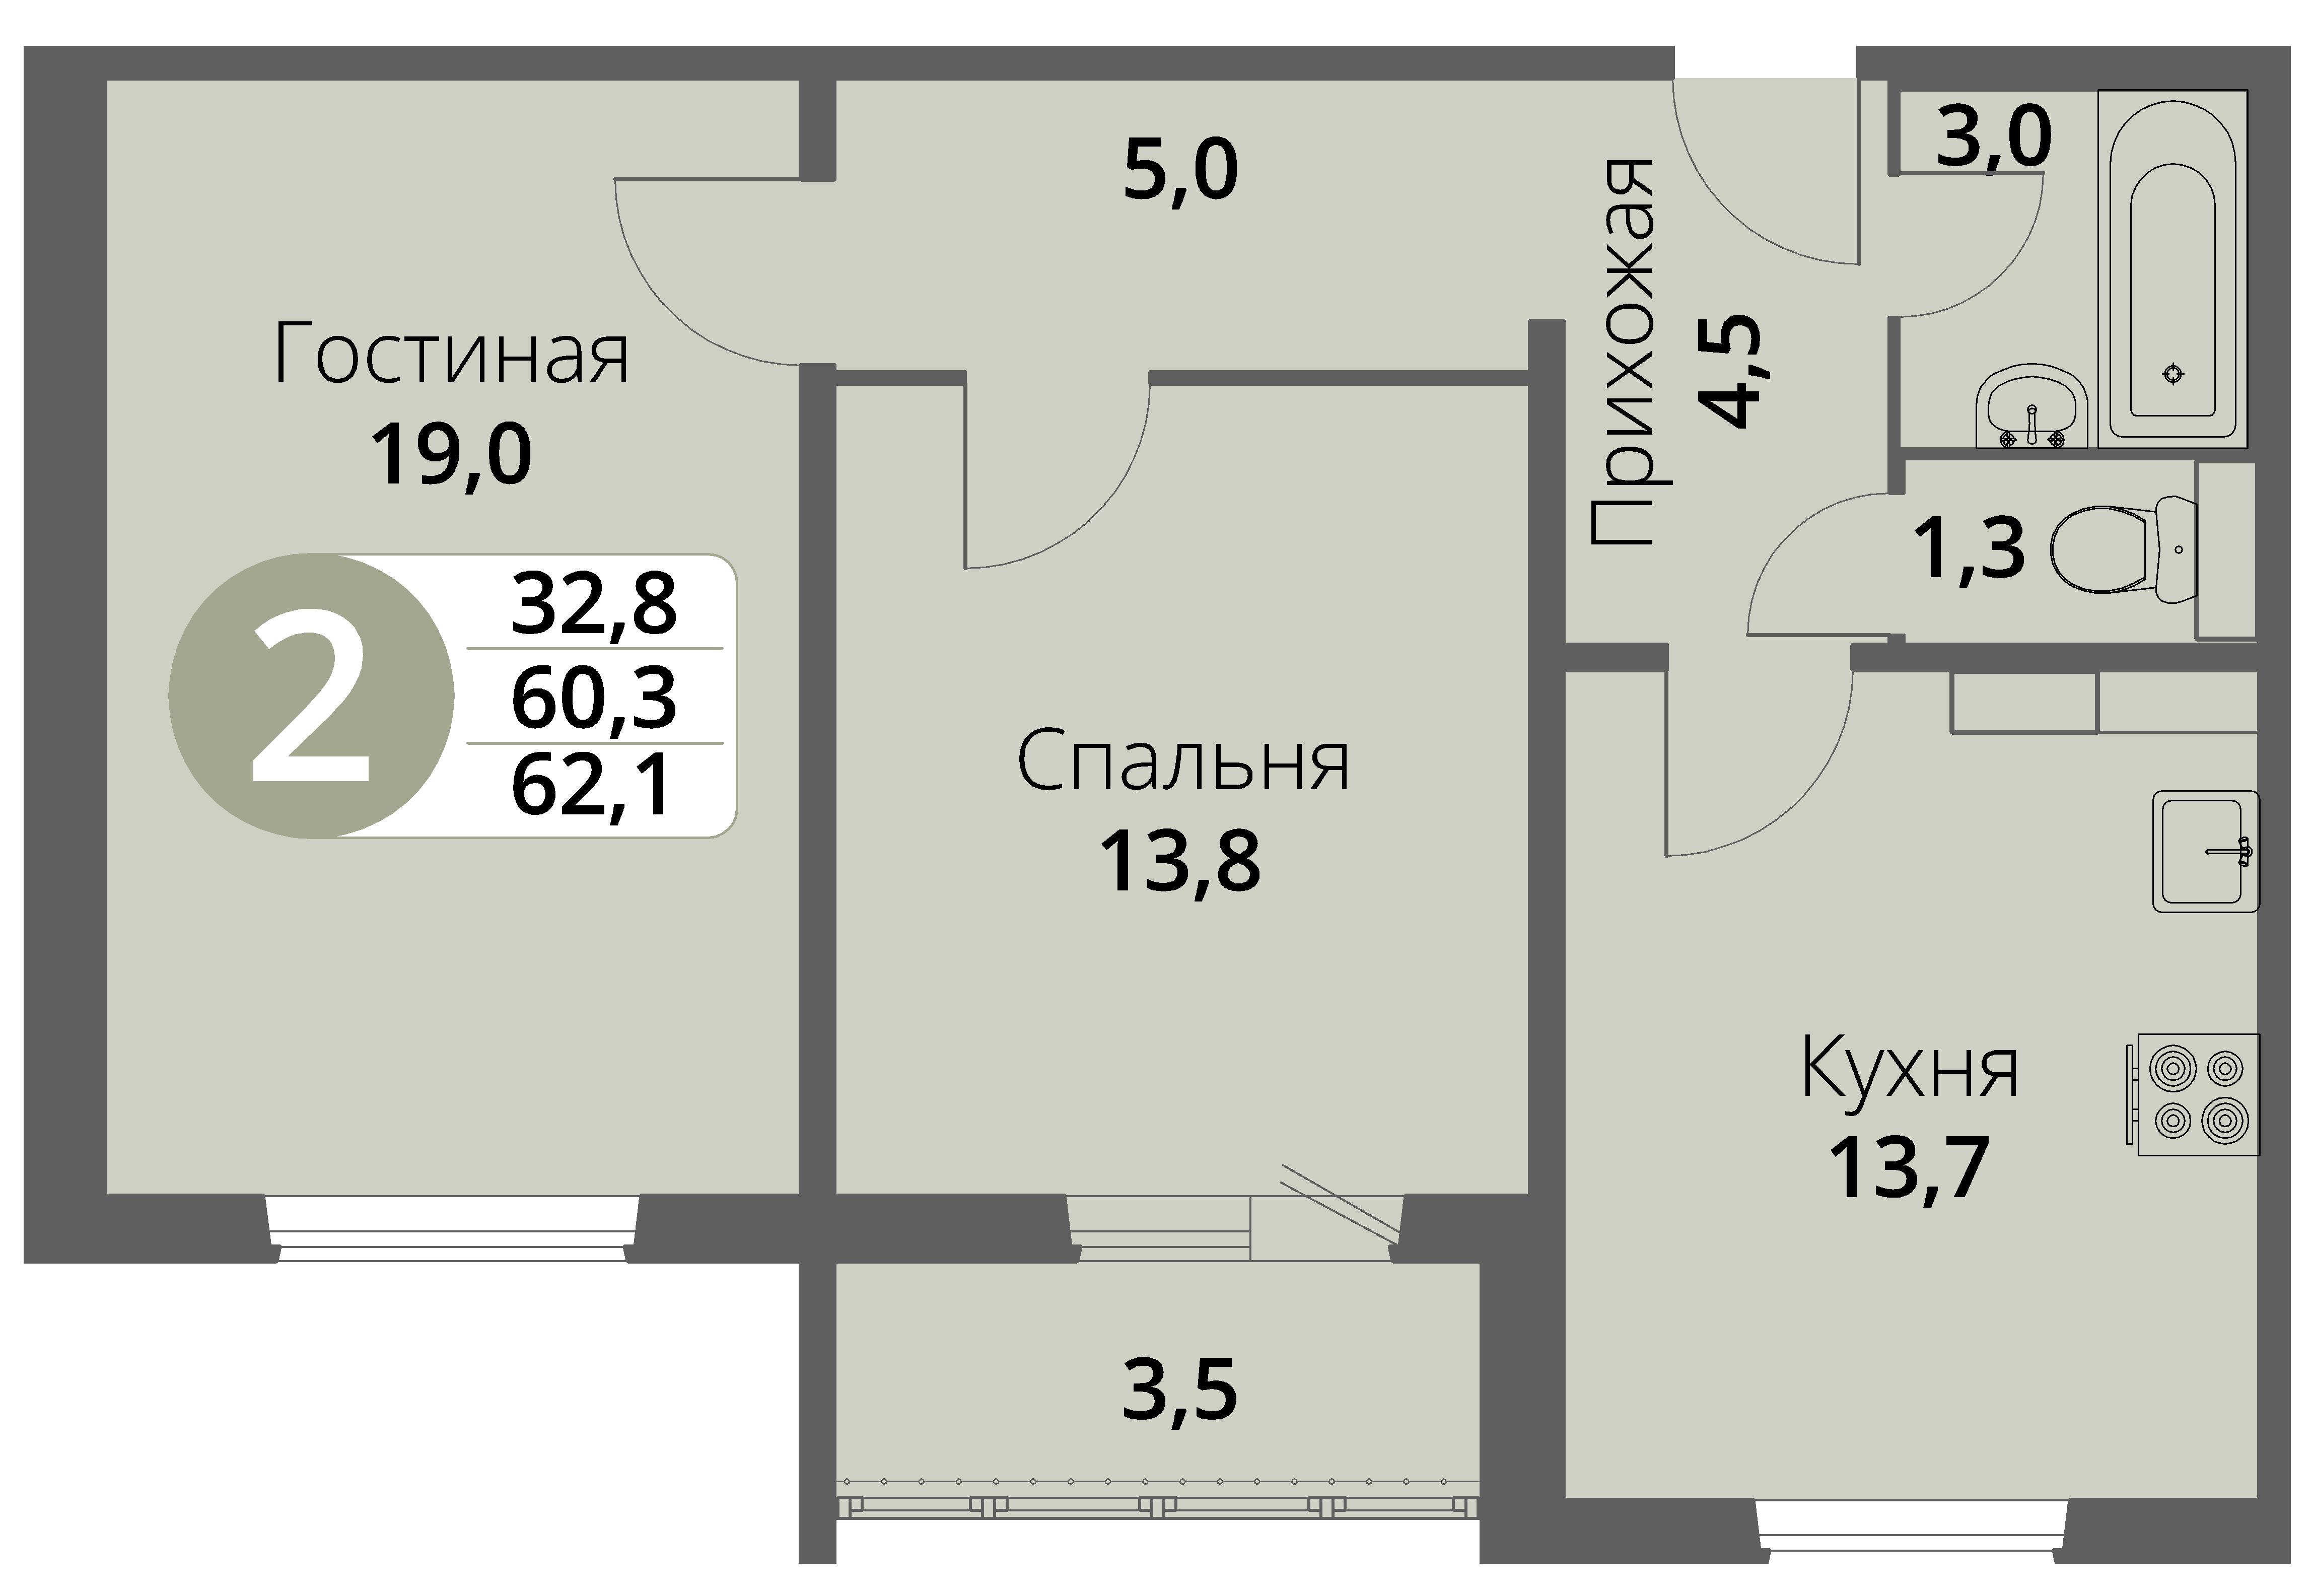 Зареченская 1-1, квартира 159 - Двухкомнатная